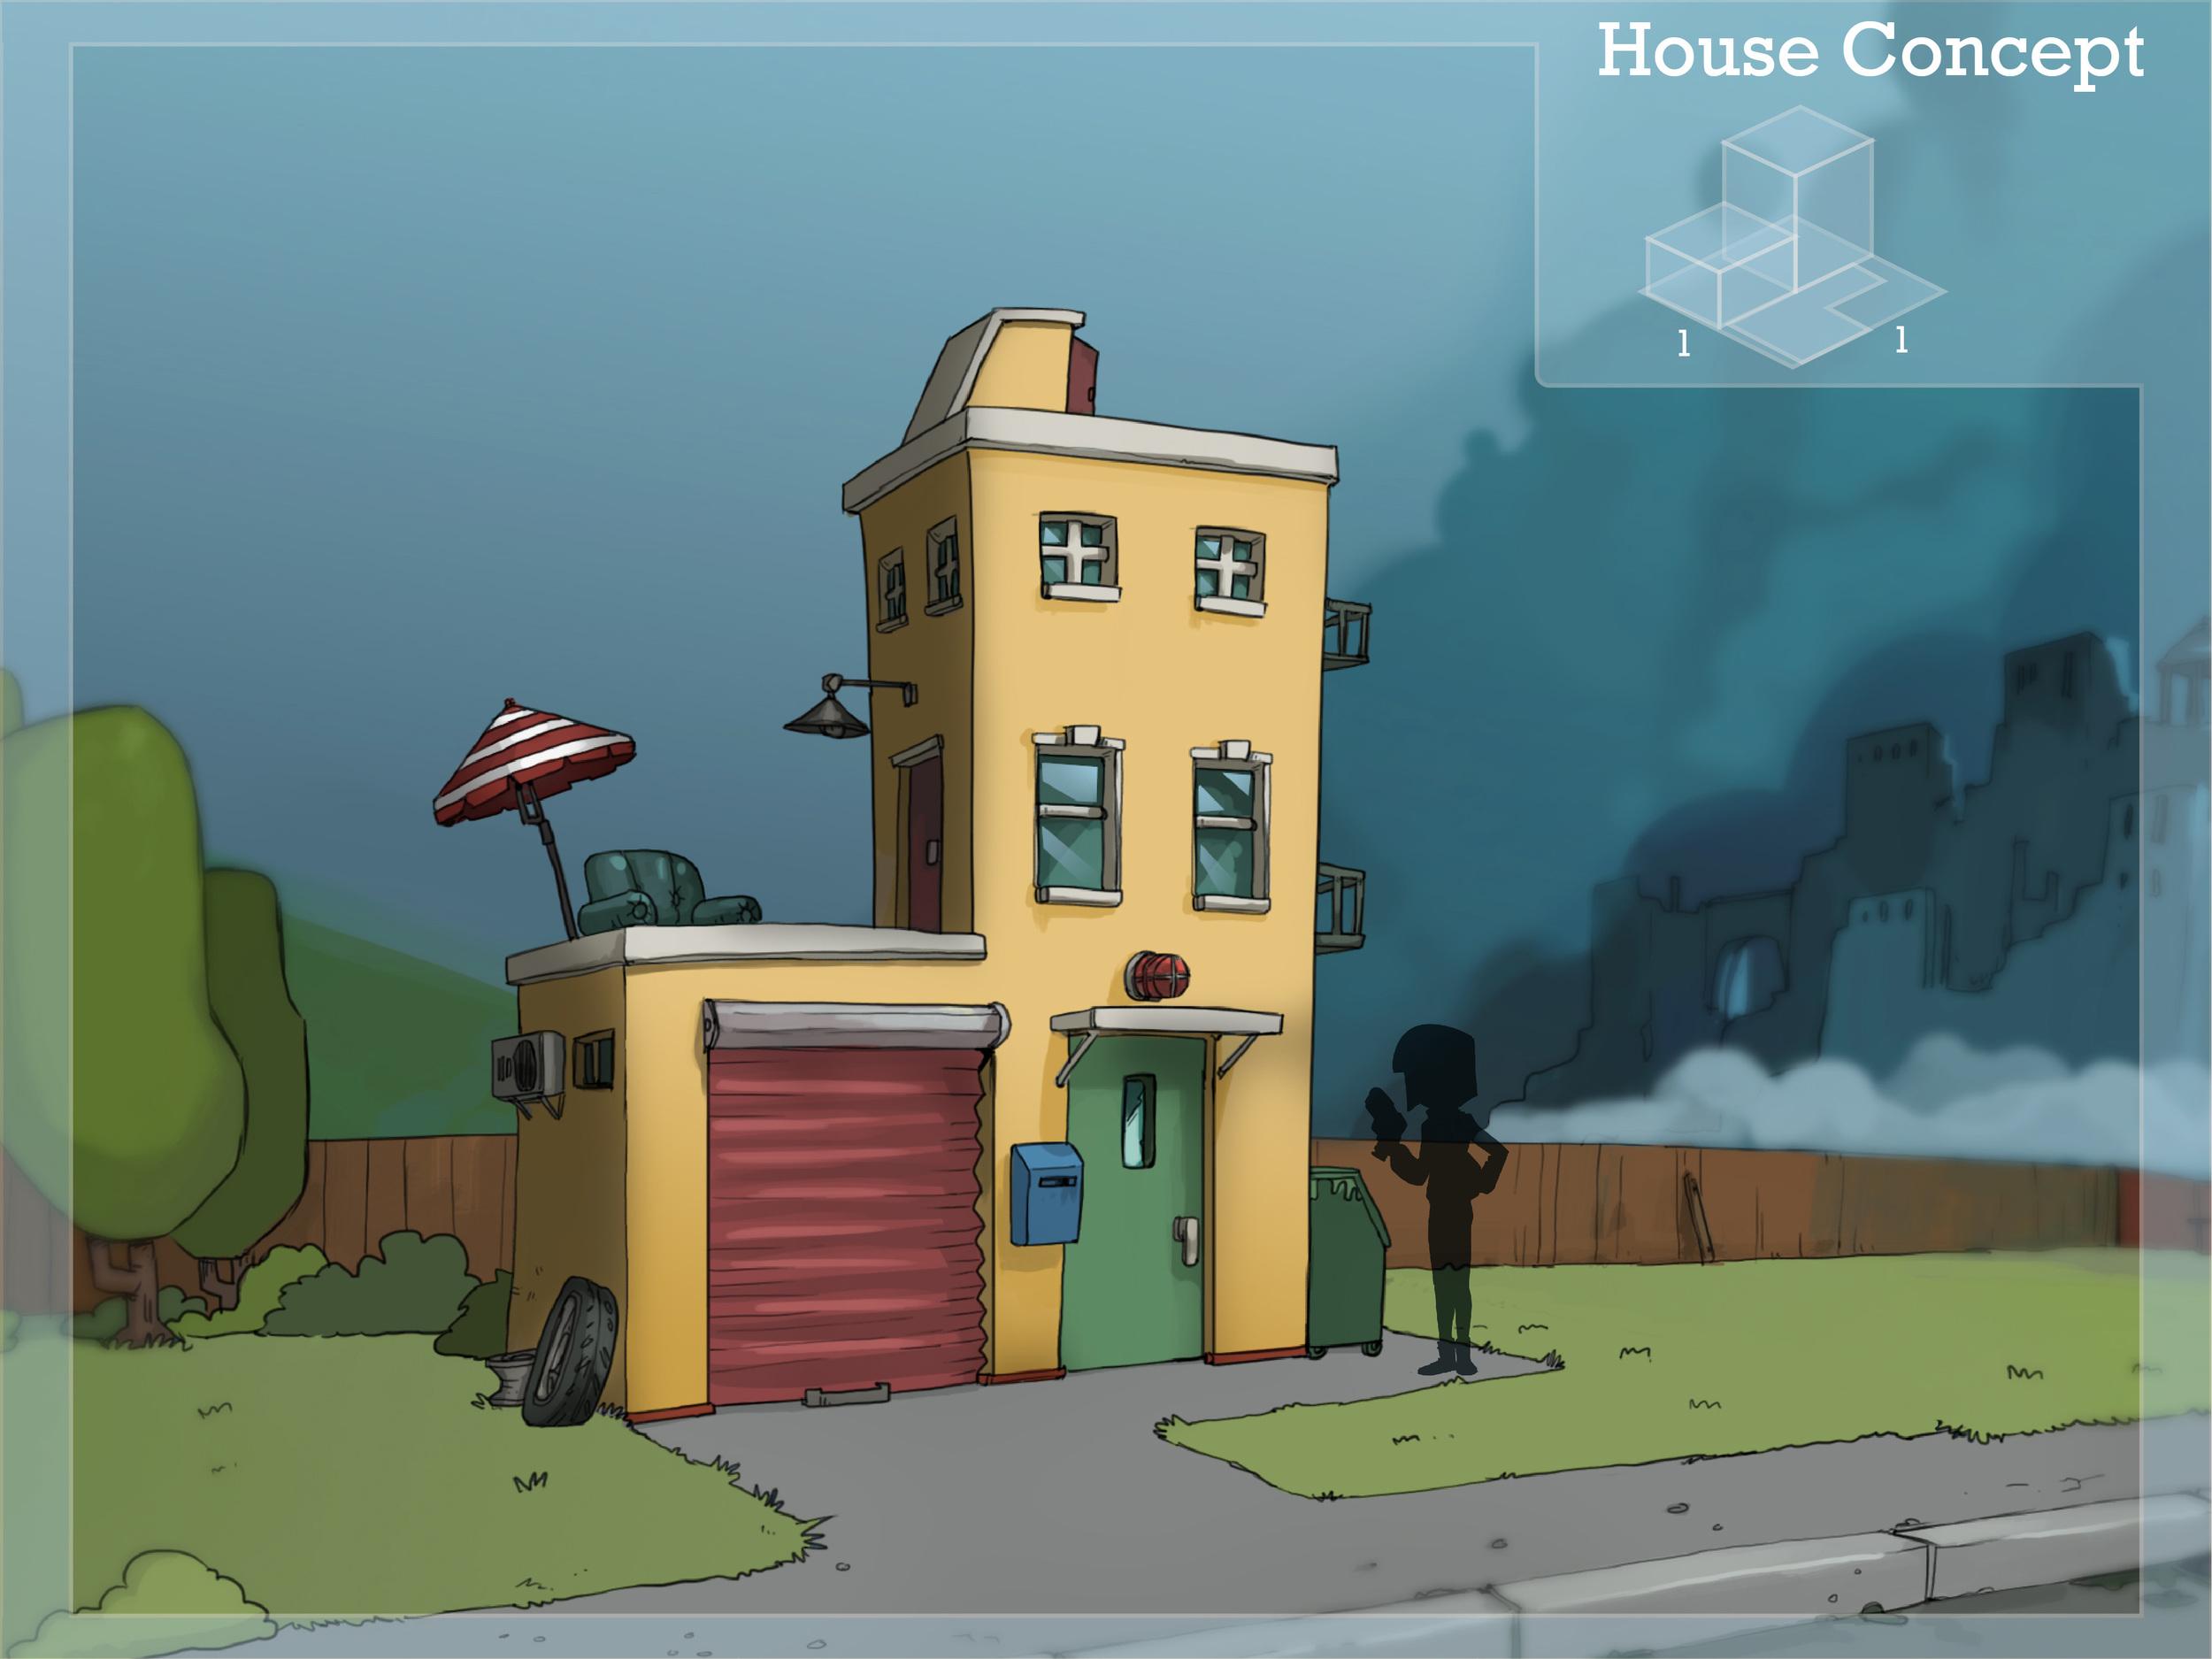 House_concept_illustrator-02-01.jpg